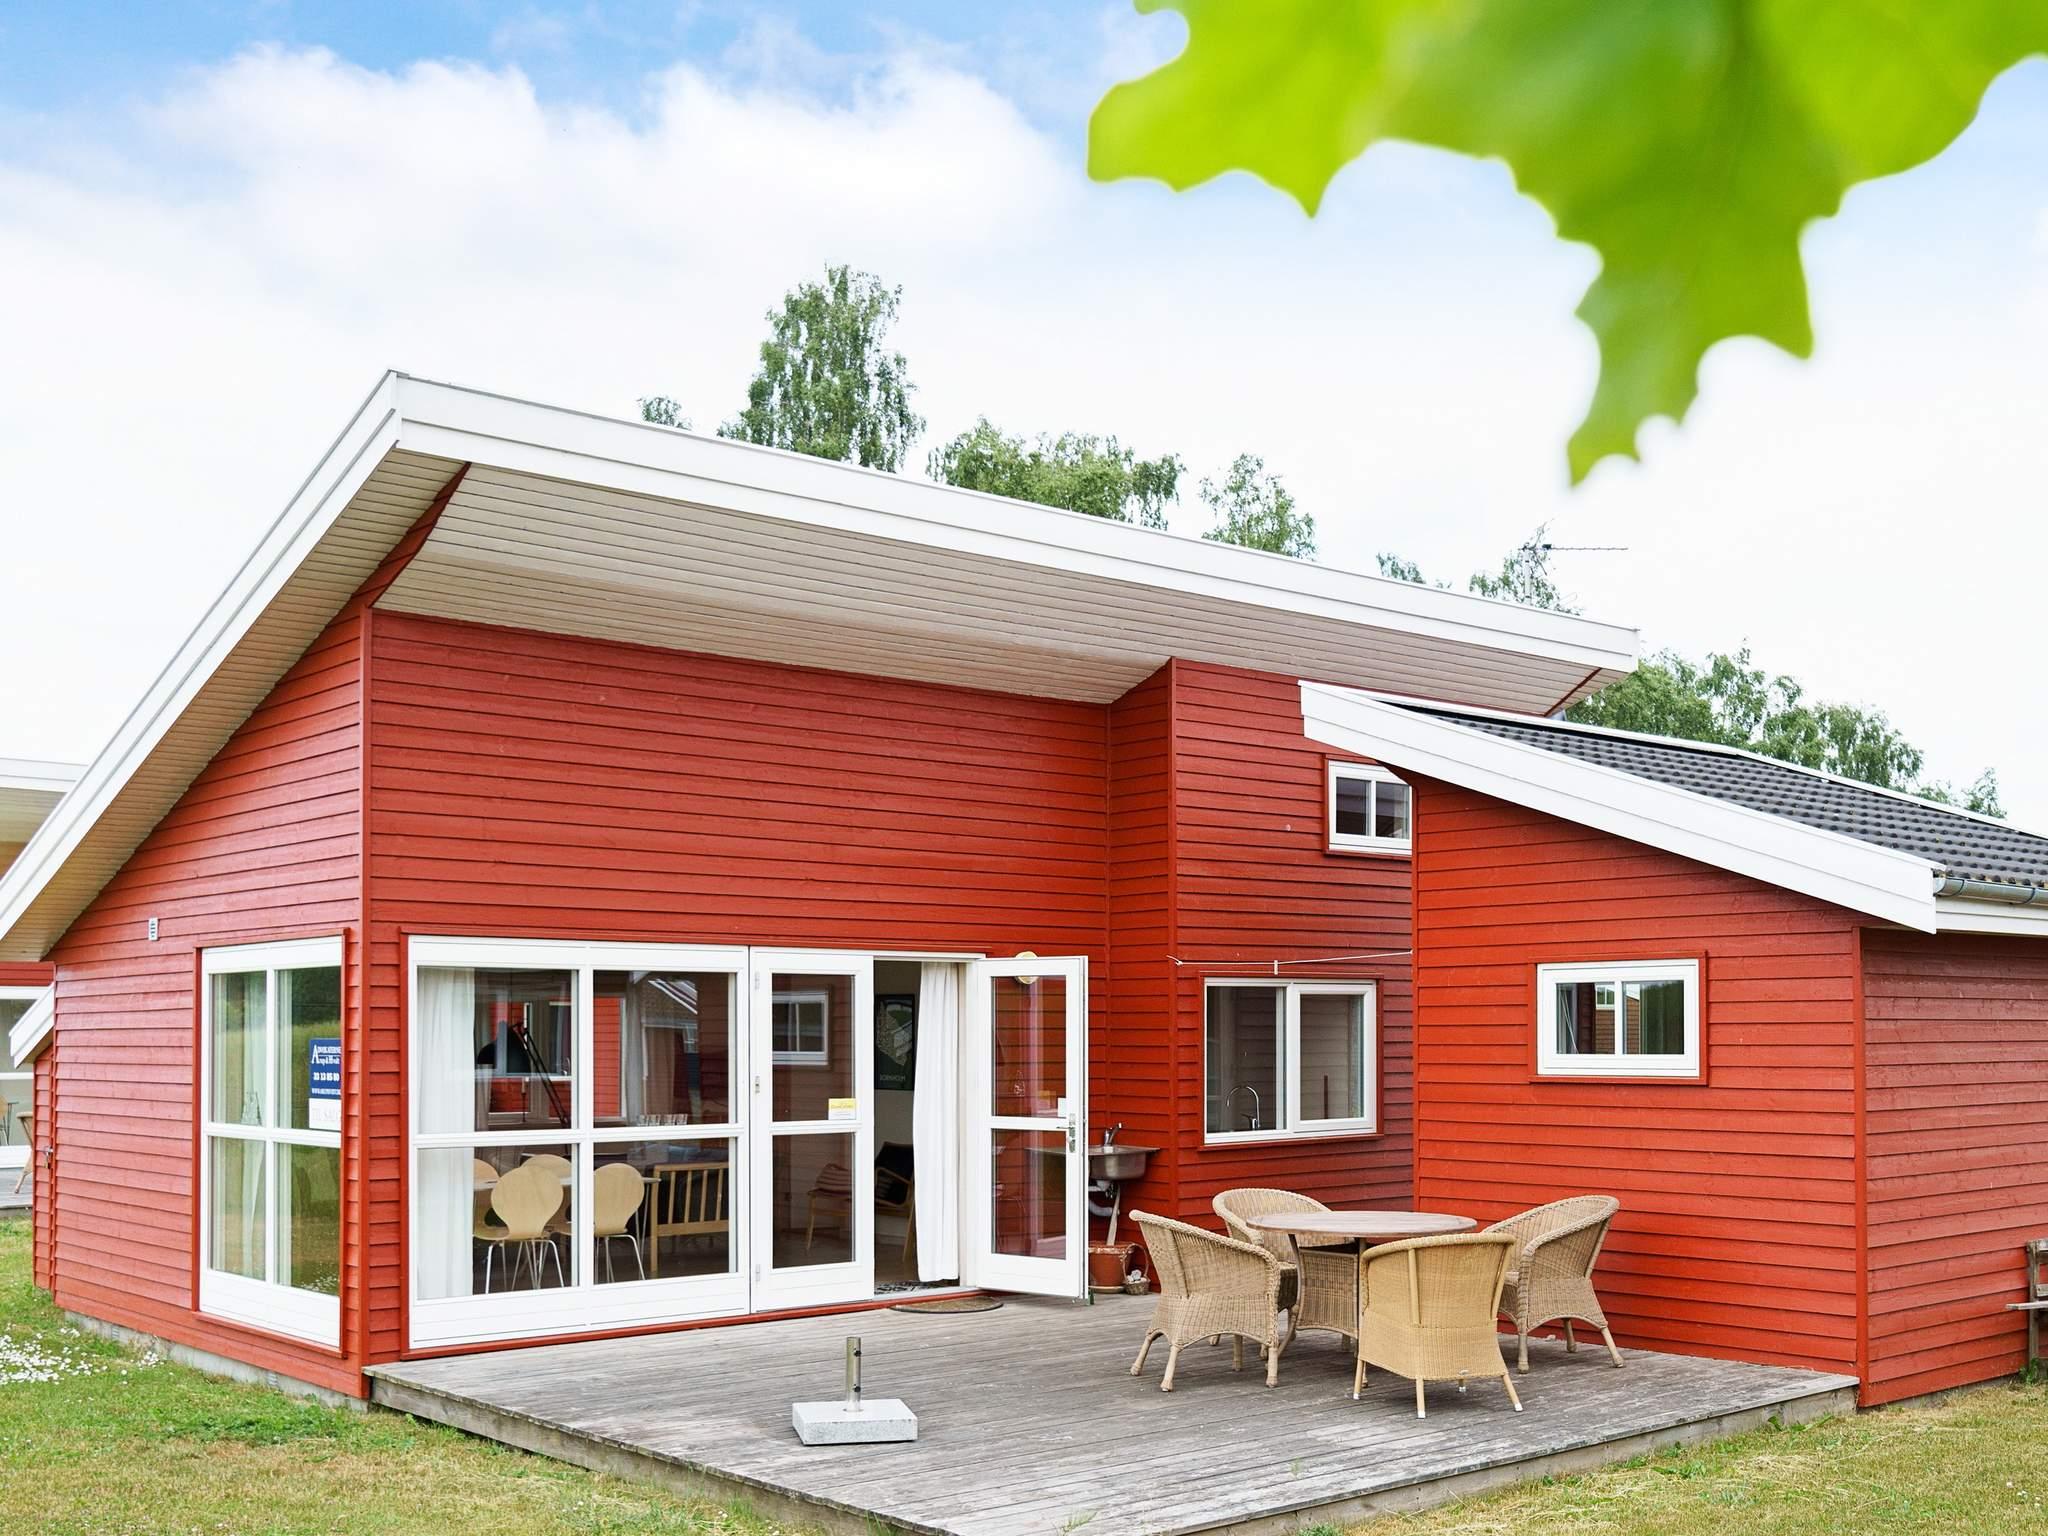 Ferienhaus Rø/Gudhjem (251662), Gudhjem, , Bornholm, Dänemark, Bild 11